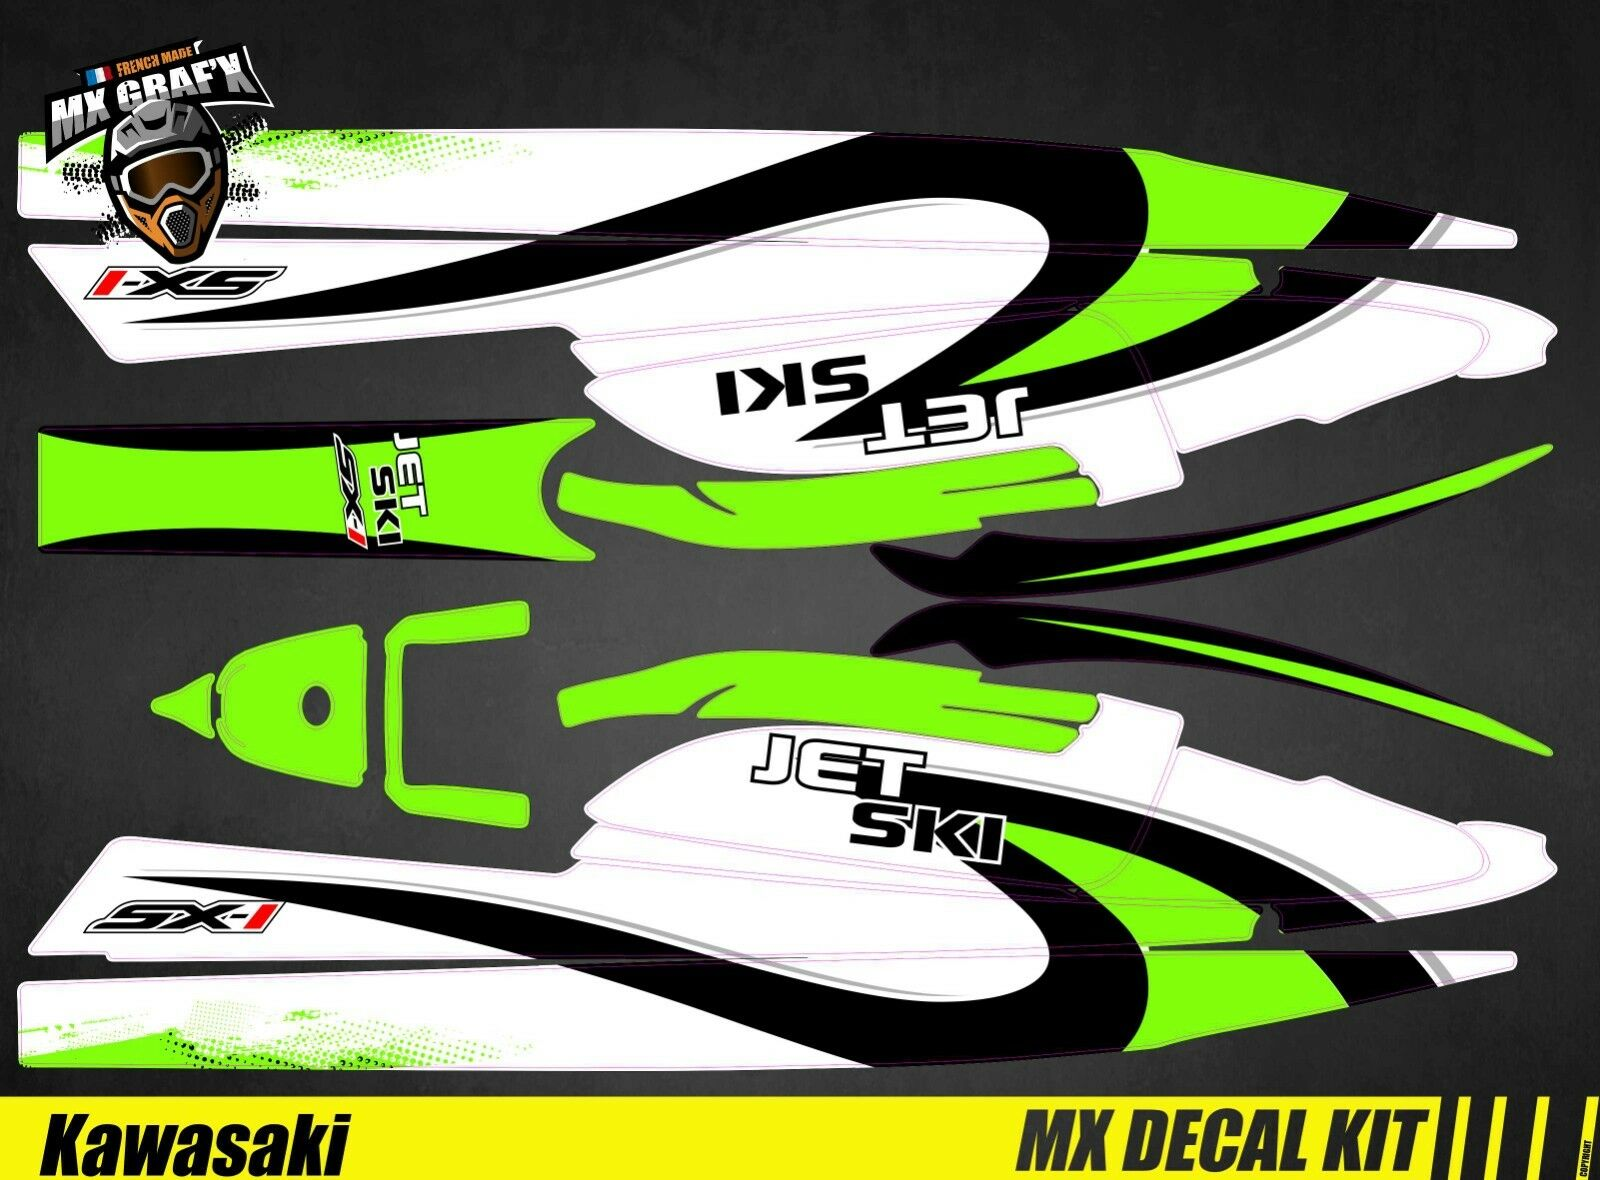 Kit Deko für   Decal Kit Kit Kit für Jet Ski Kawasaki 750 SX Sxr Sxi - Wave 1dd1f3